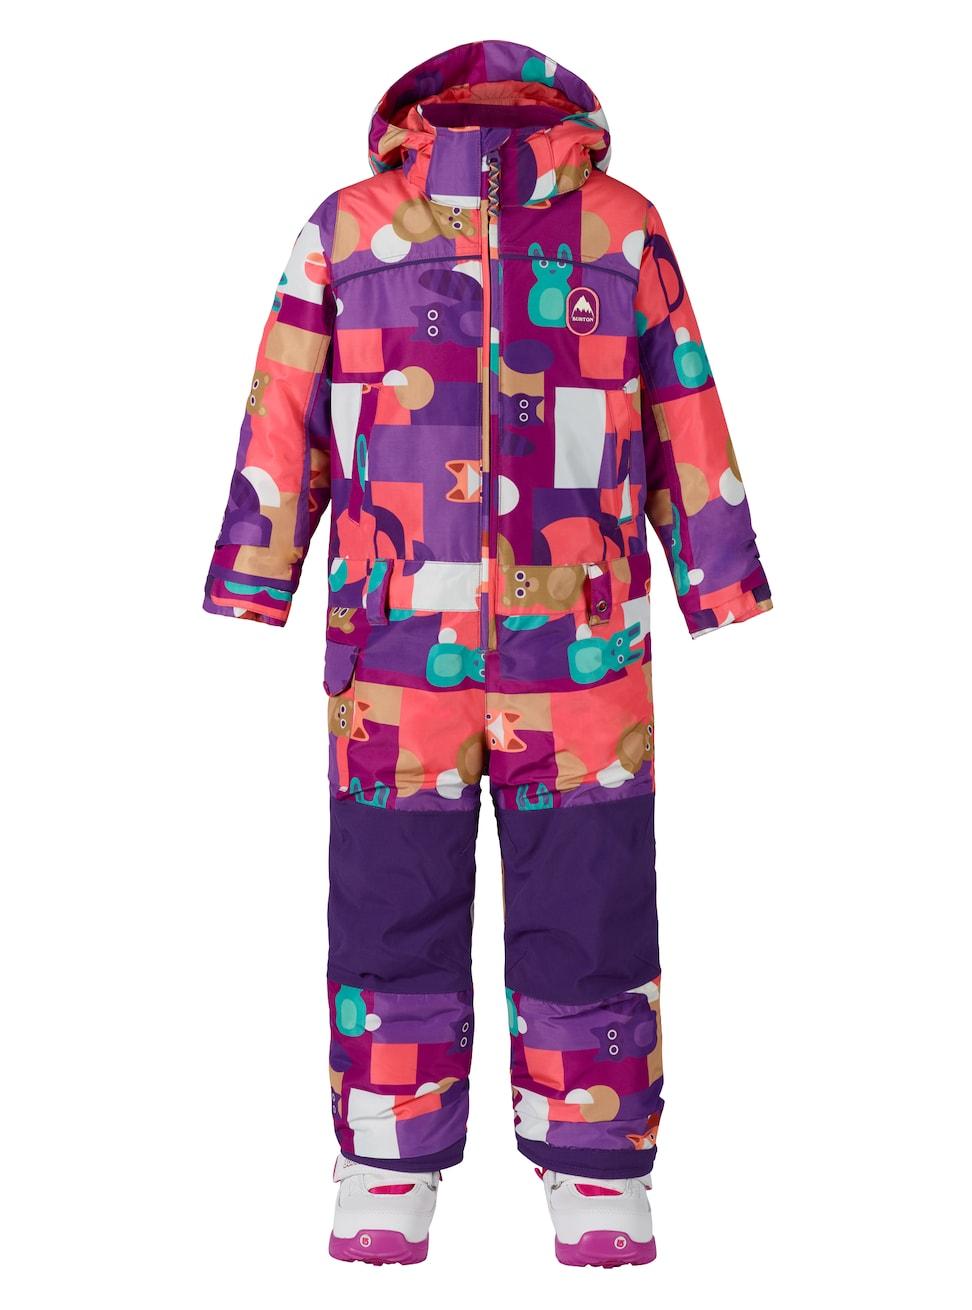 Купить Комбинезон сноубордический BURTON 2017-18 GIRLS MS ILLUSN OP PAPER ANIMALS, Детская одежда, 1354949